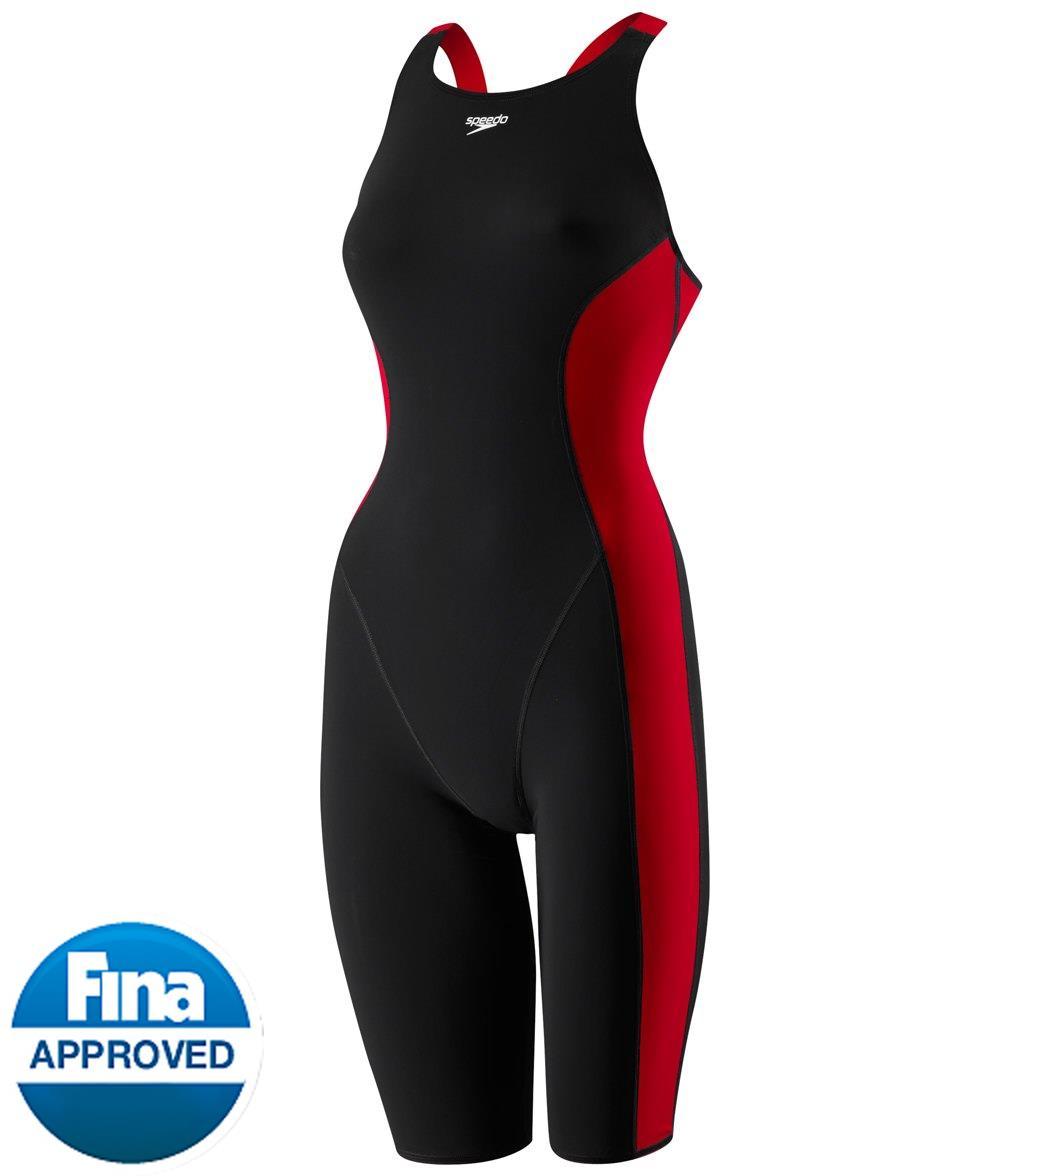 9a5a7911327d7 Speedo Women's Powerplus Kneeskin Tech Suit Swimsuit